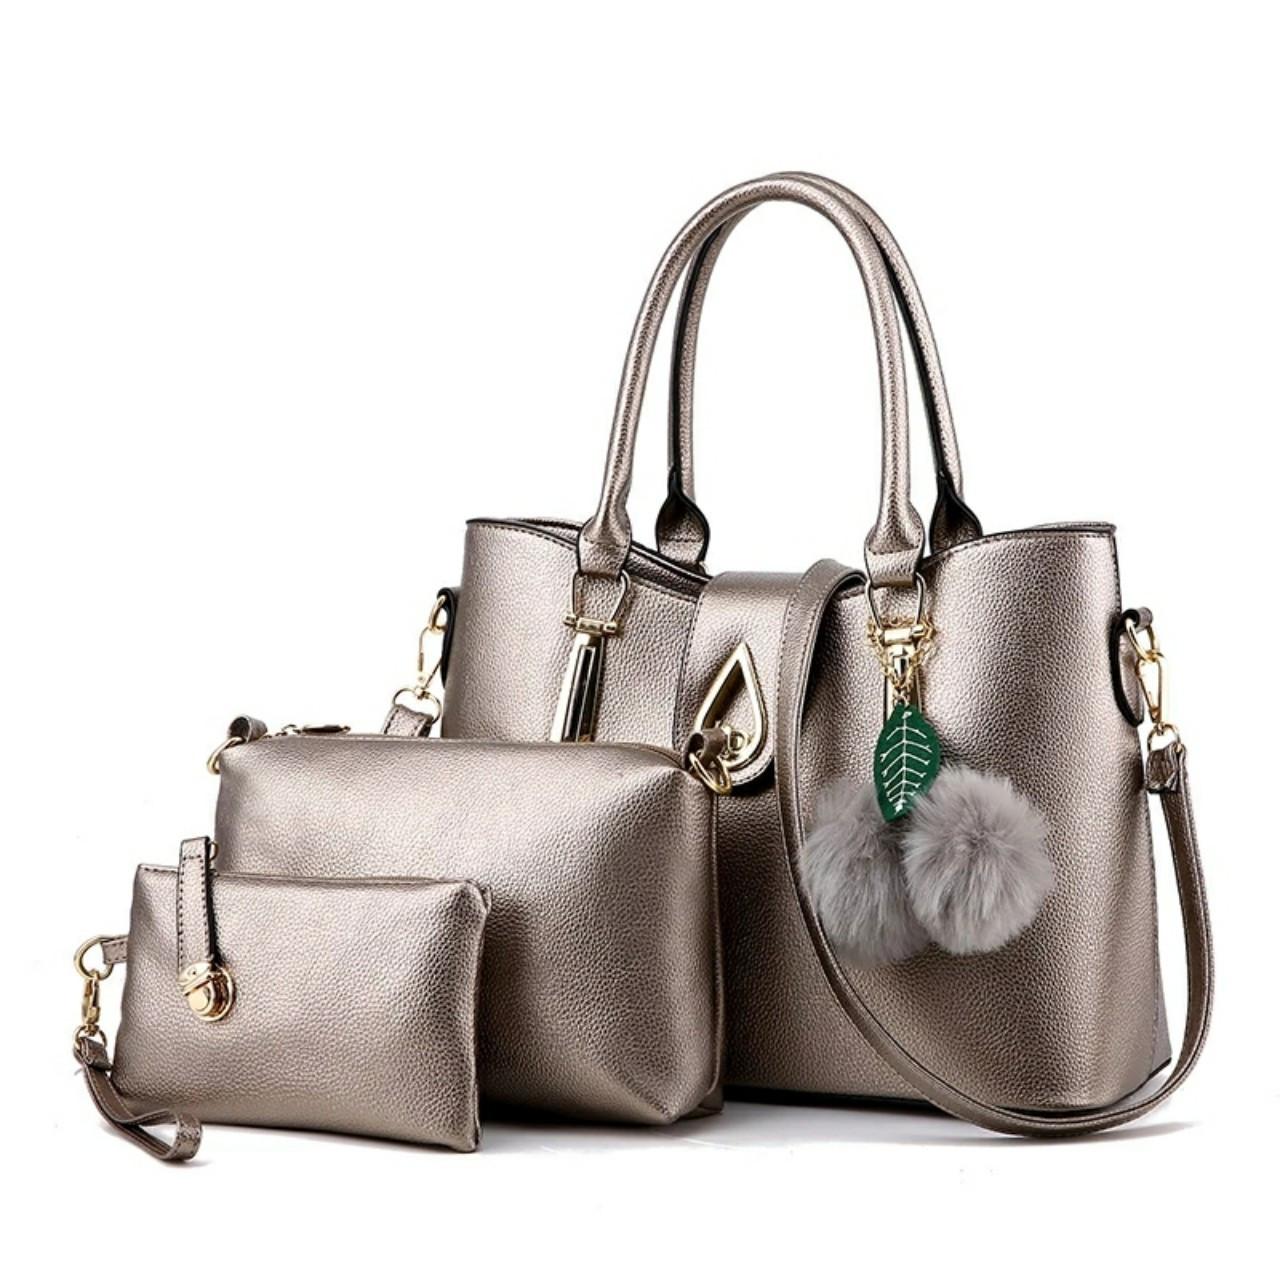 Набор сумок 3в1 Modern: сумка, клатч, косметичка бронзовый